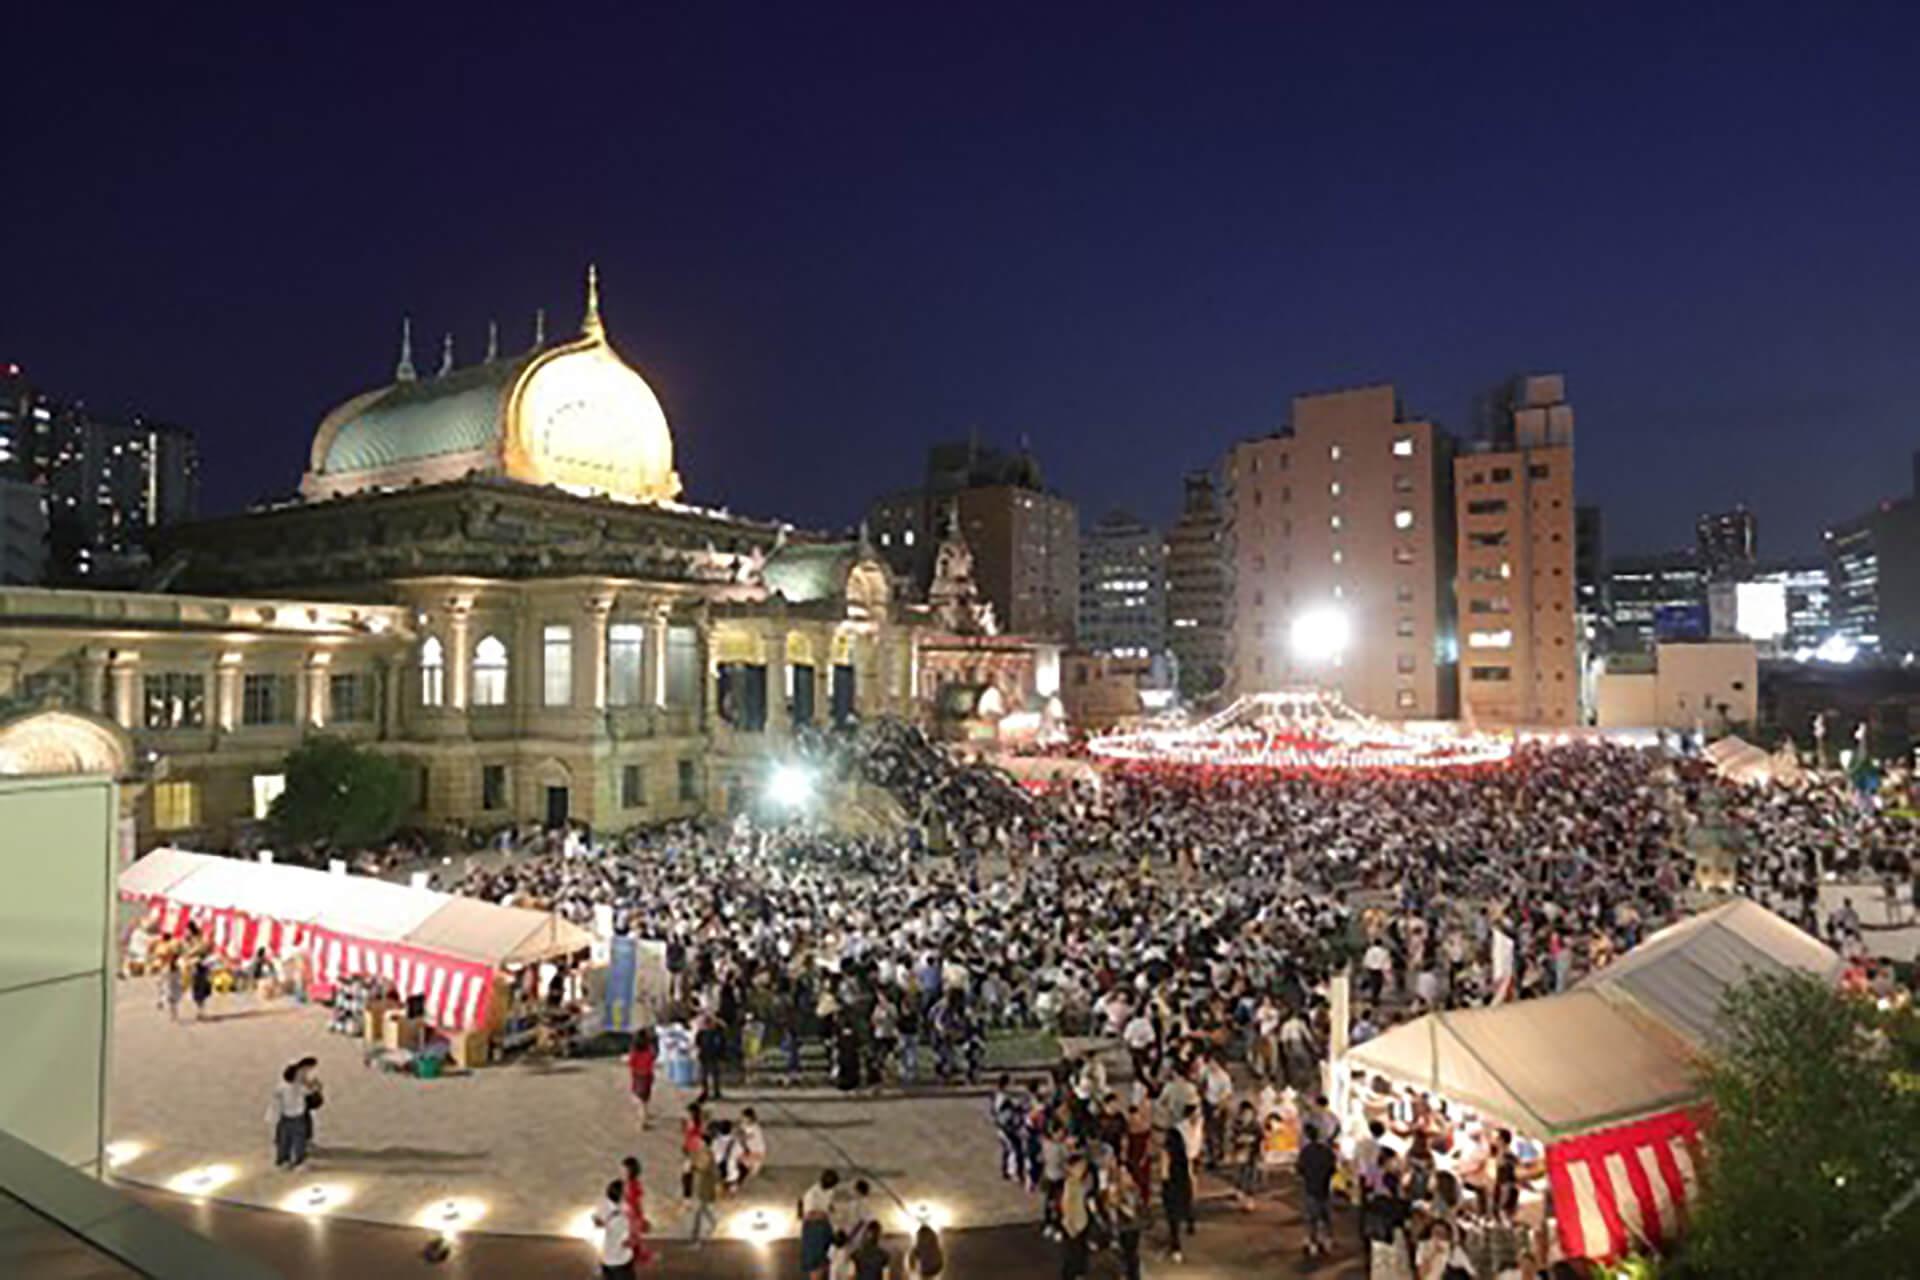 この写真は、築地本願寺『納涼盆踊り大会』のイメージ。会場を広くみわたした全景写真